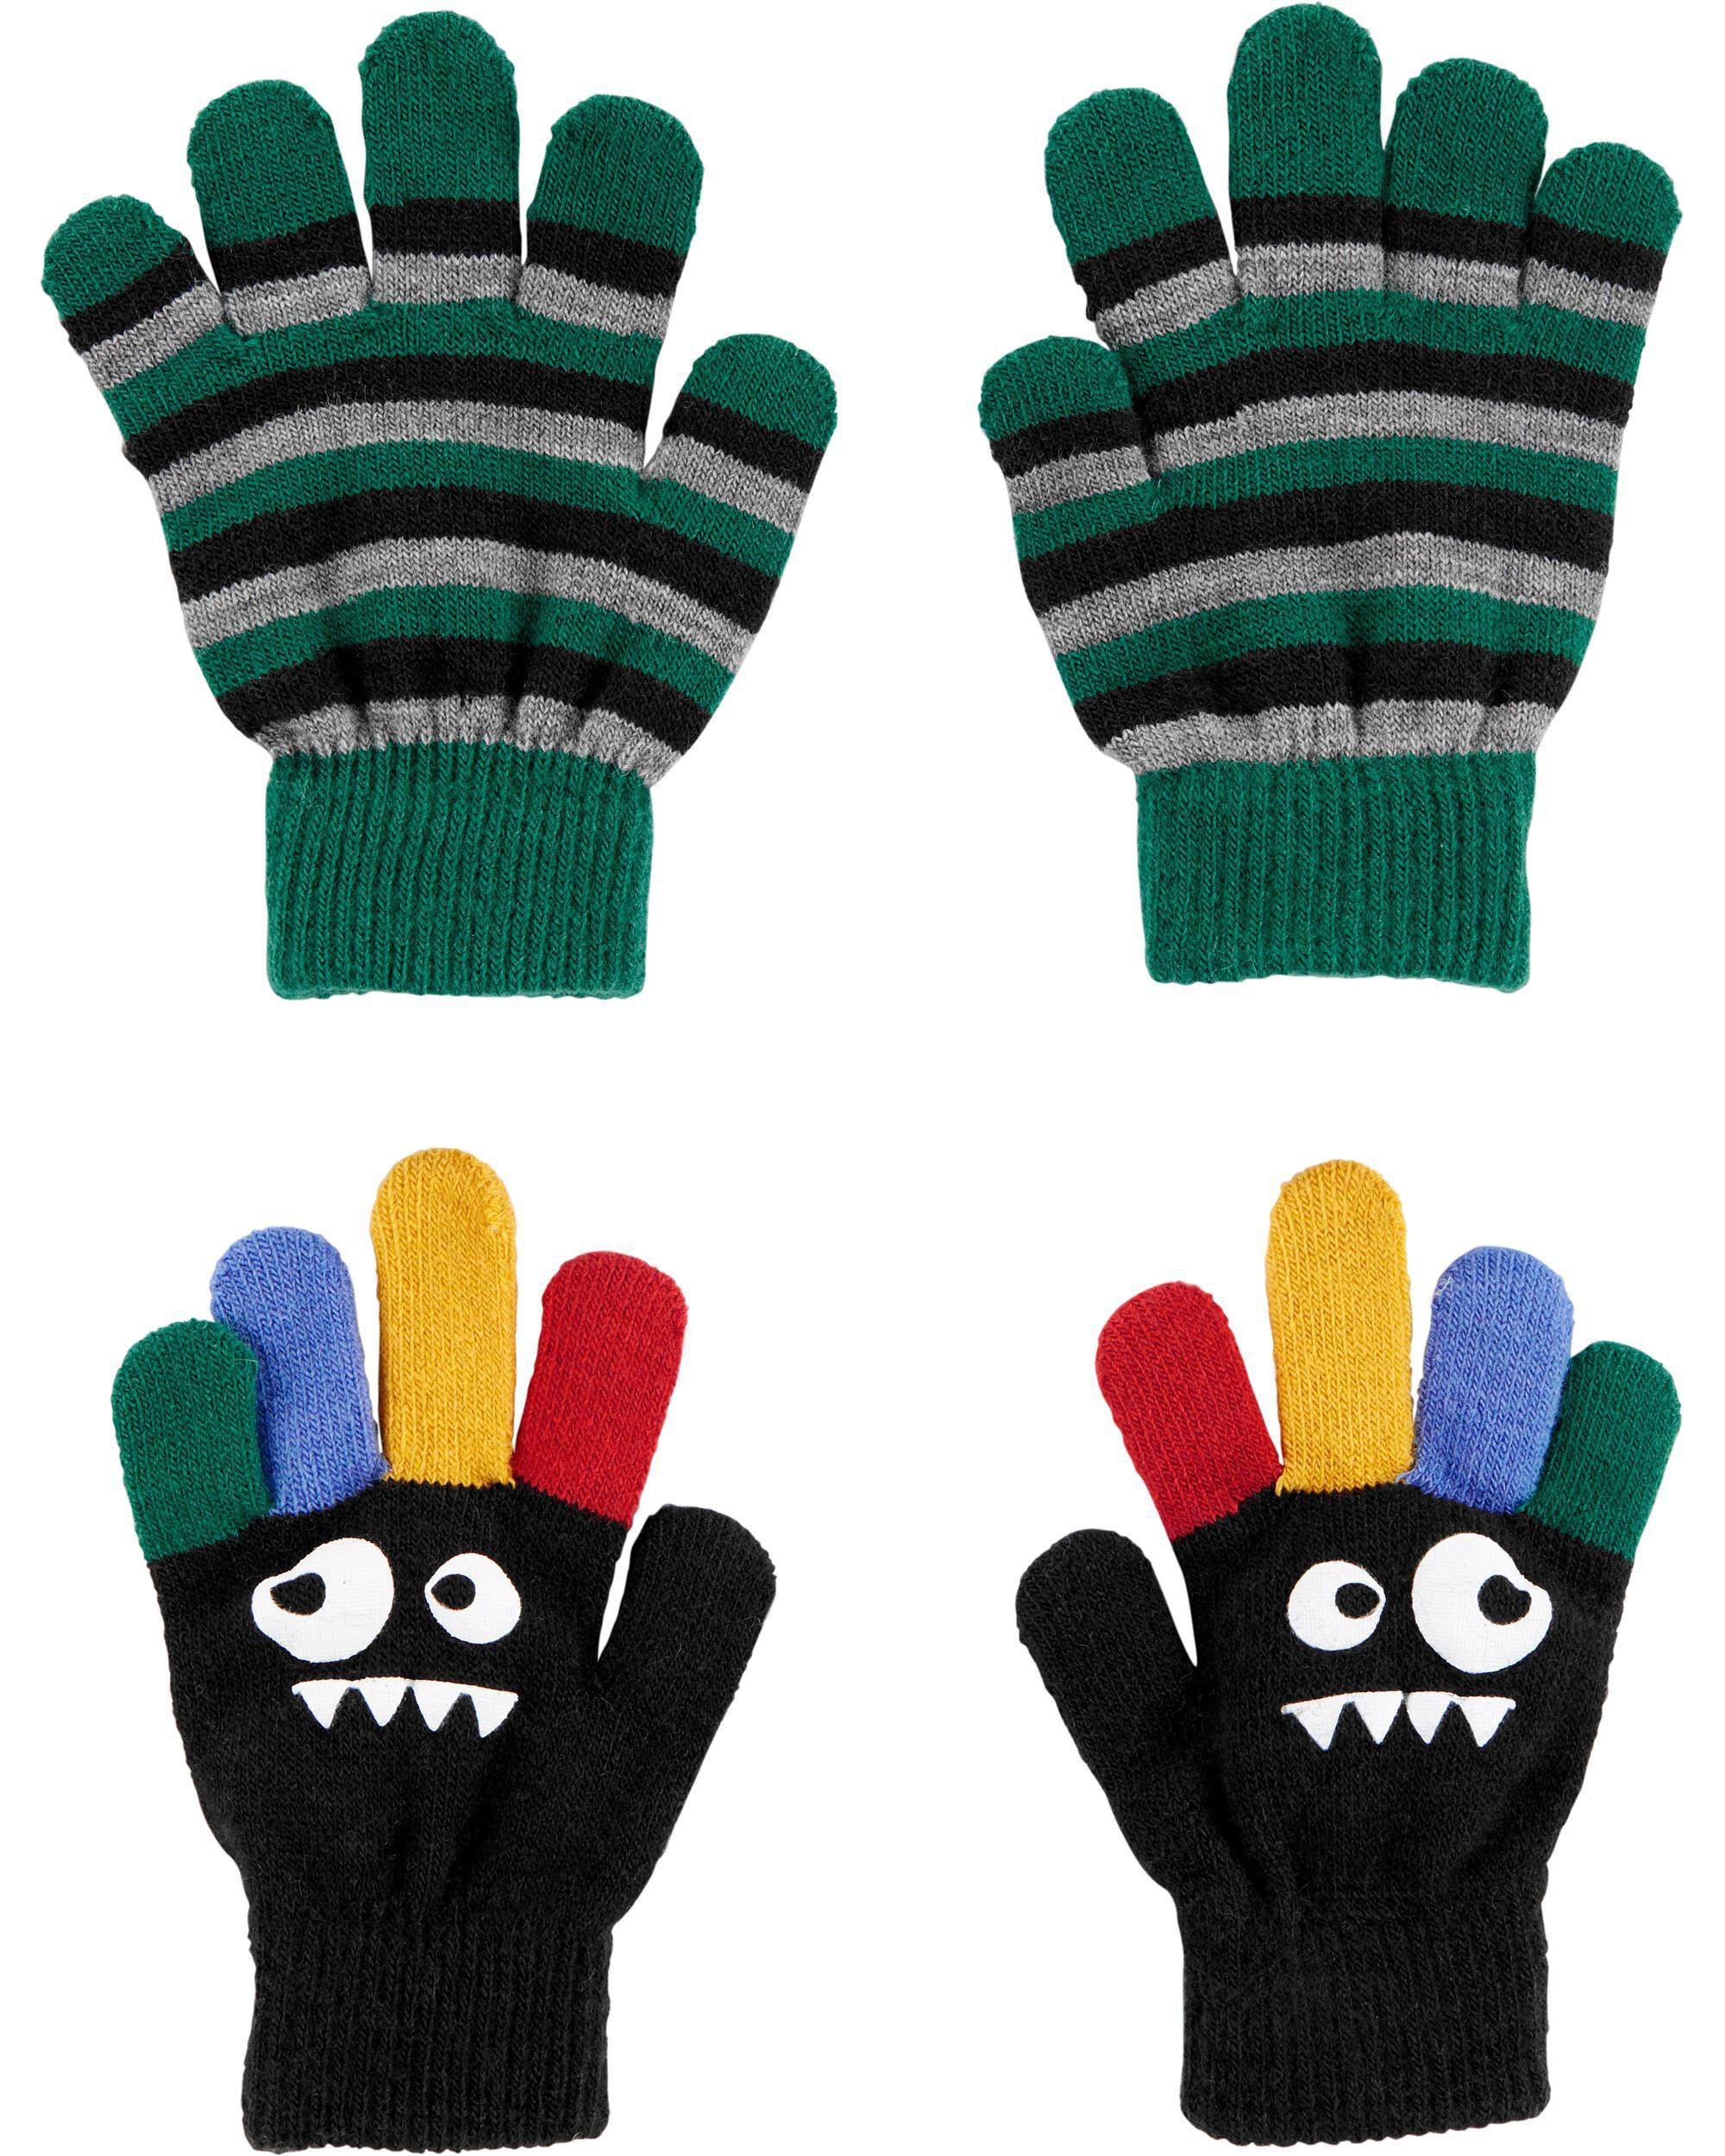 2-Pack Monster Gripper Gloves